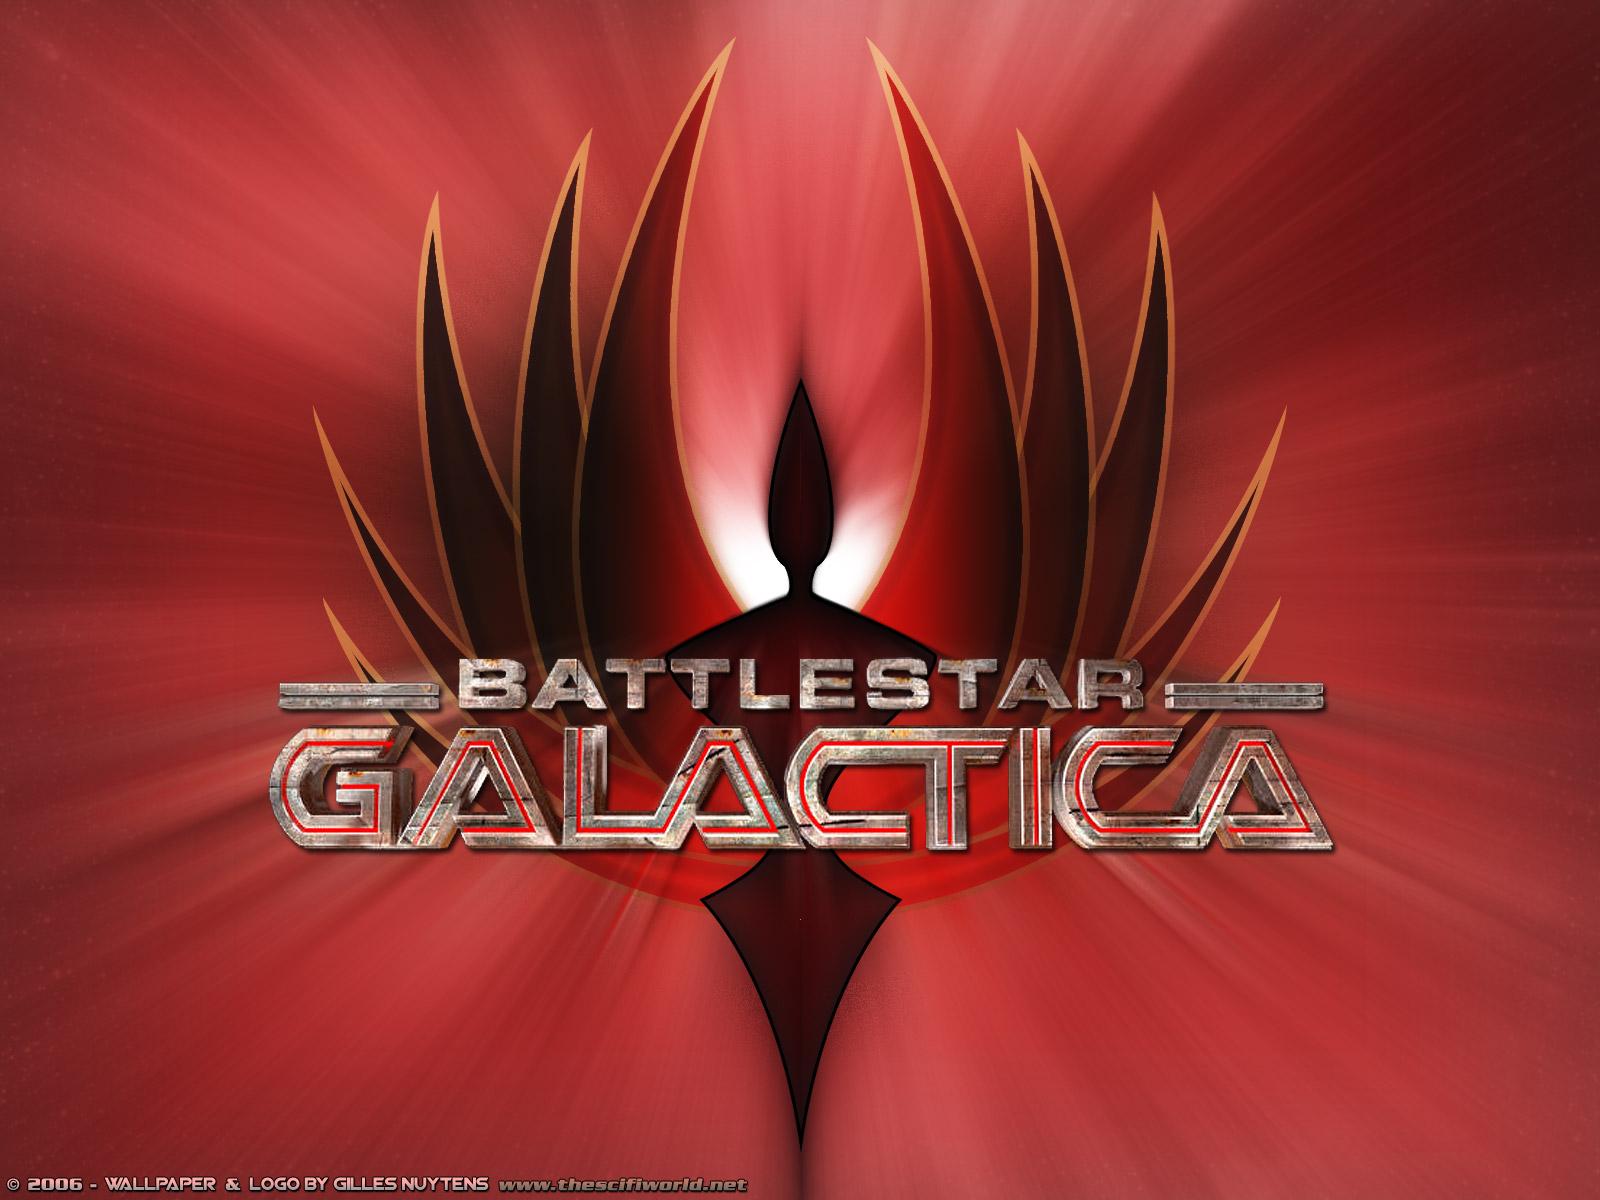 http://4.bp.blogspot.com/_-fYXP4xFA8M/TMQDgjbg0ZI/AAAAAAAAEG0/TP-8agobcEk/s1600/battlestar-galactica-wallpaper.jpg